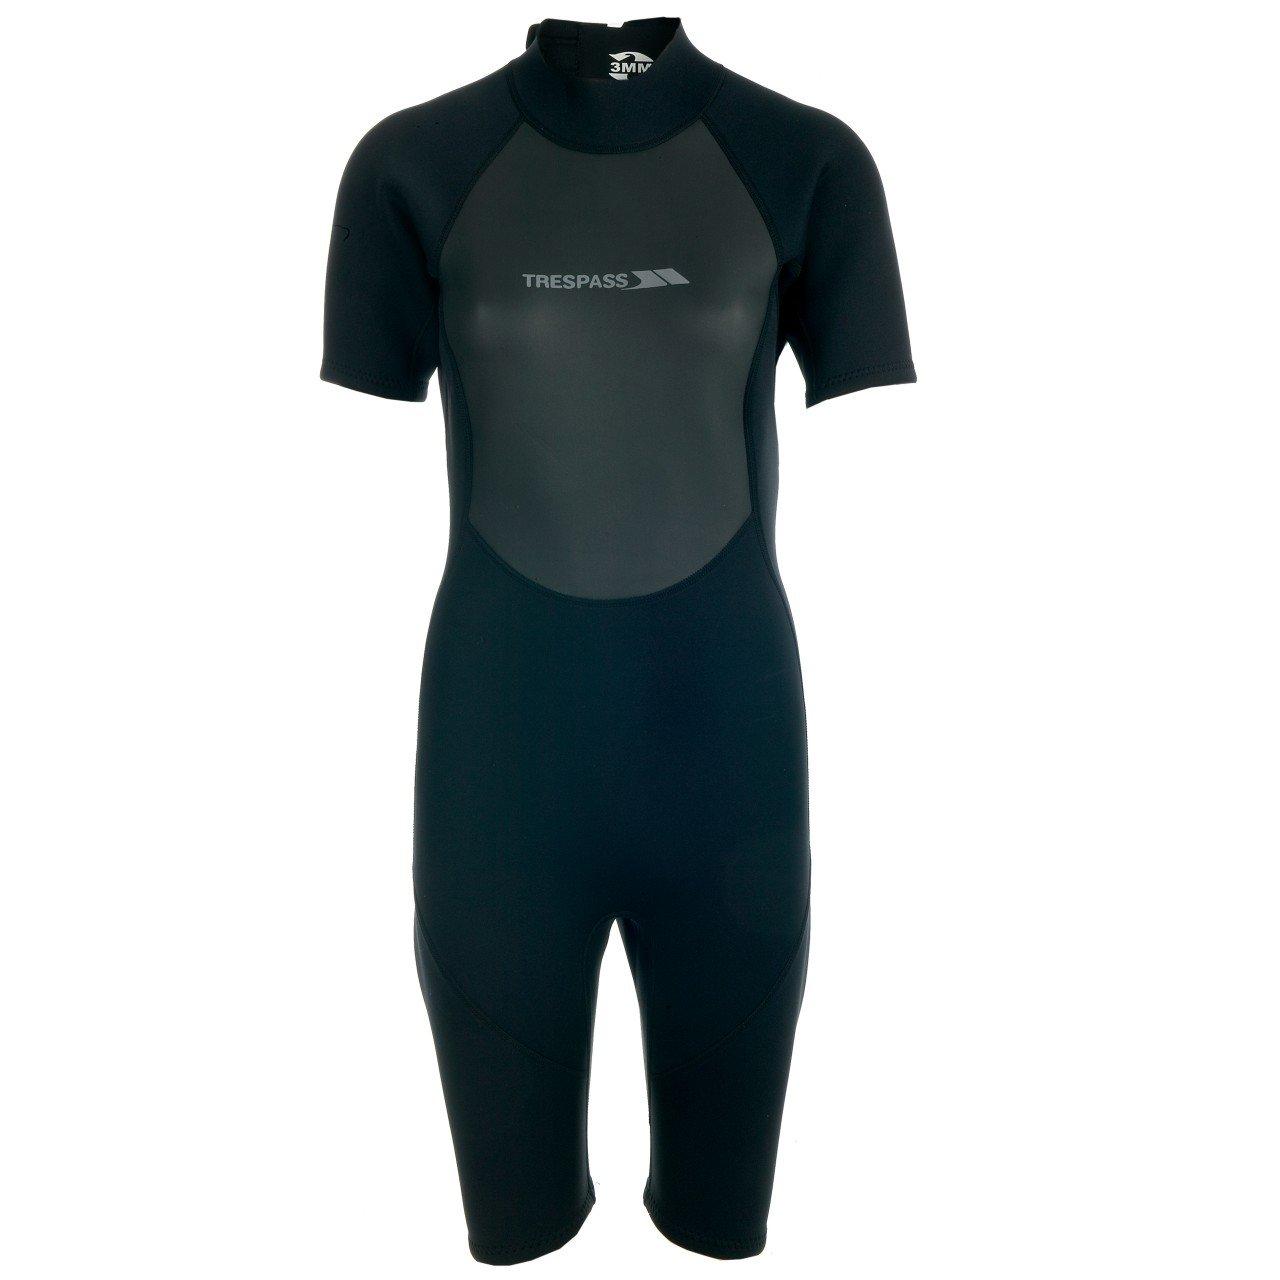 Trespass Womens/Ladies Scubadive 3mm Short Wetsuit